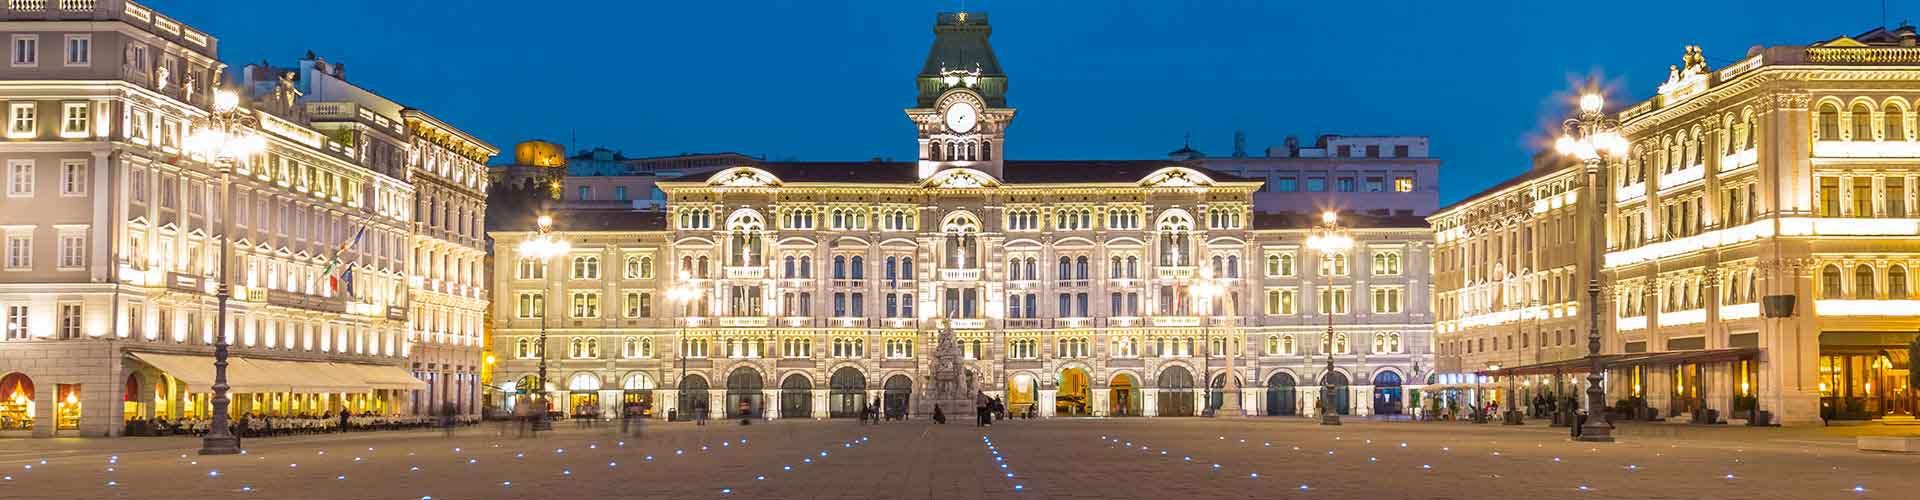 Trieste - Habitaciones en Trieste. Mapas de Trieste, Fotos y comentarios de cada Habitación en Trieste.